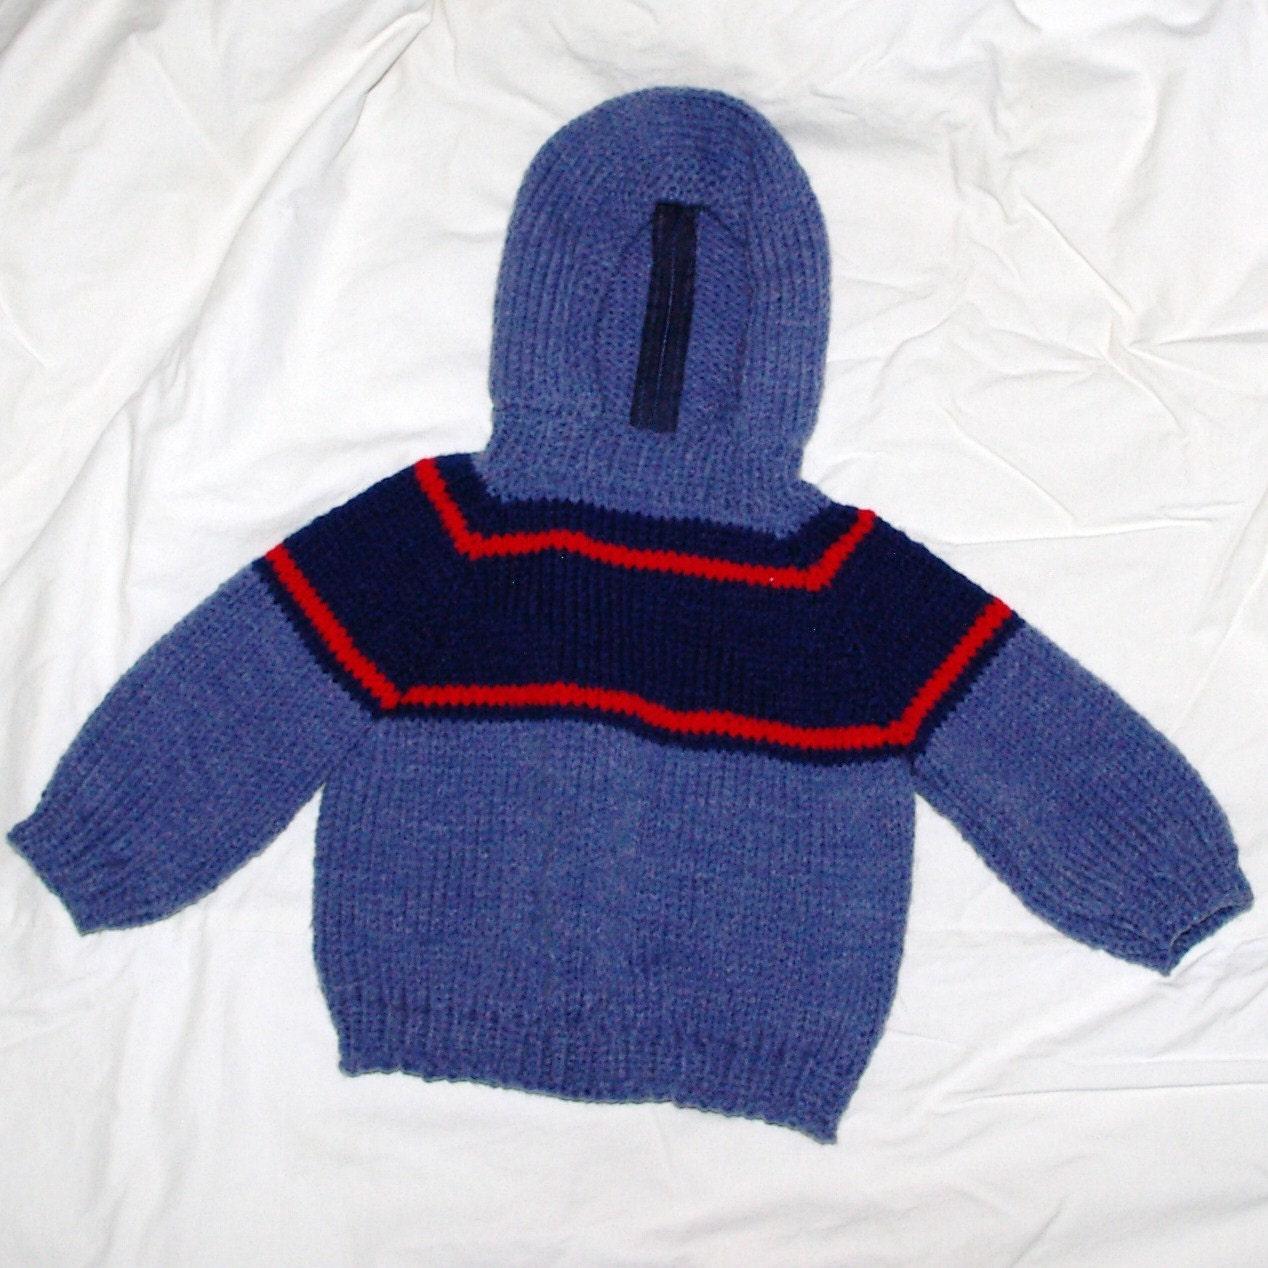 ژاکت باشلق دار عزیزم Knitted